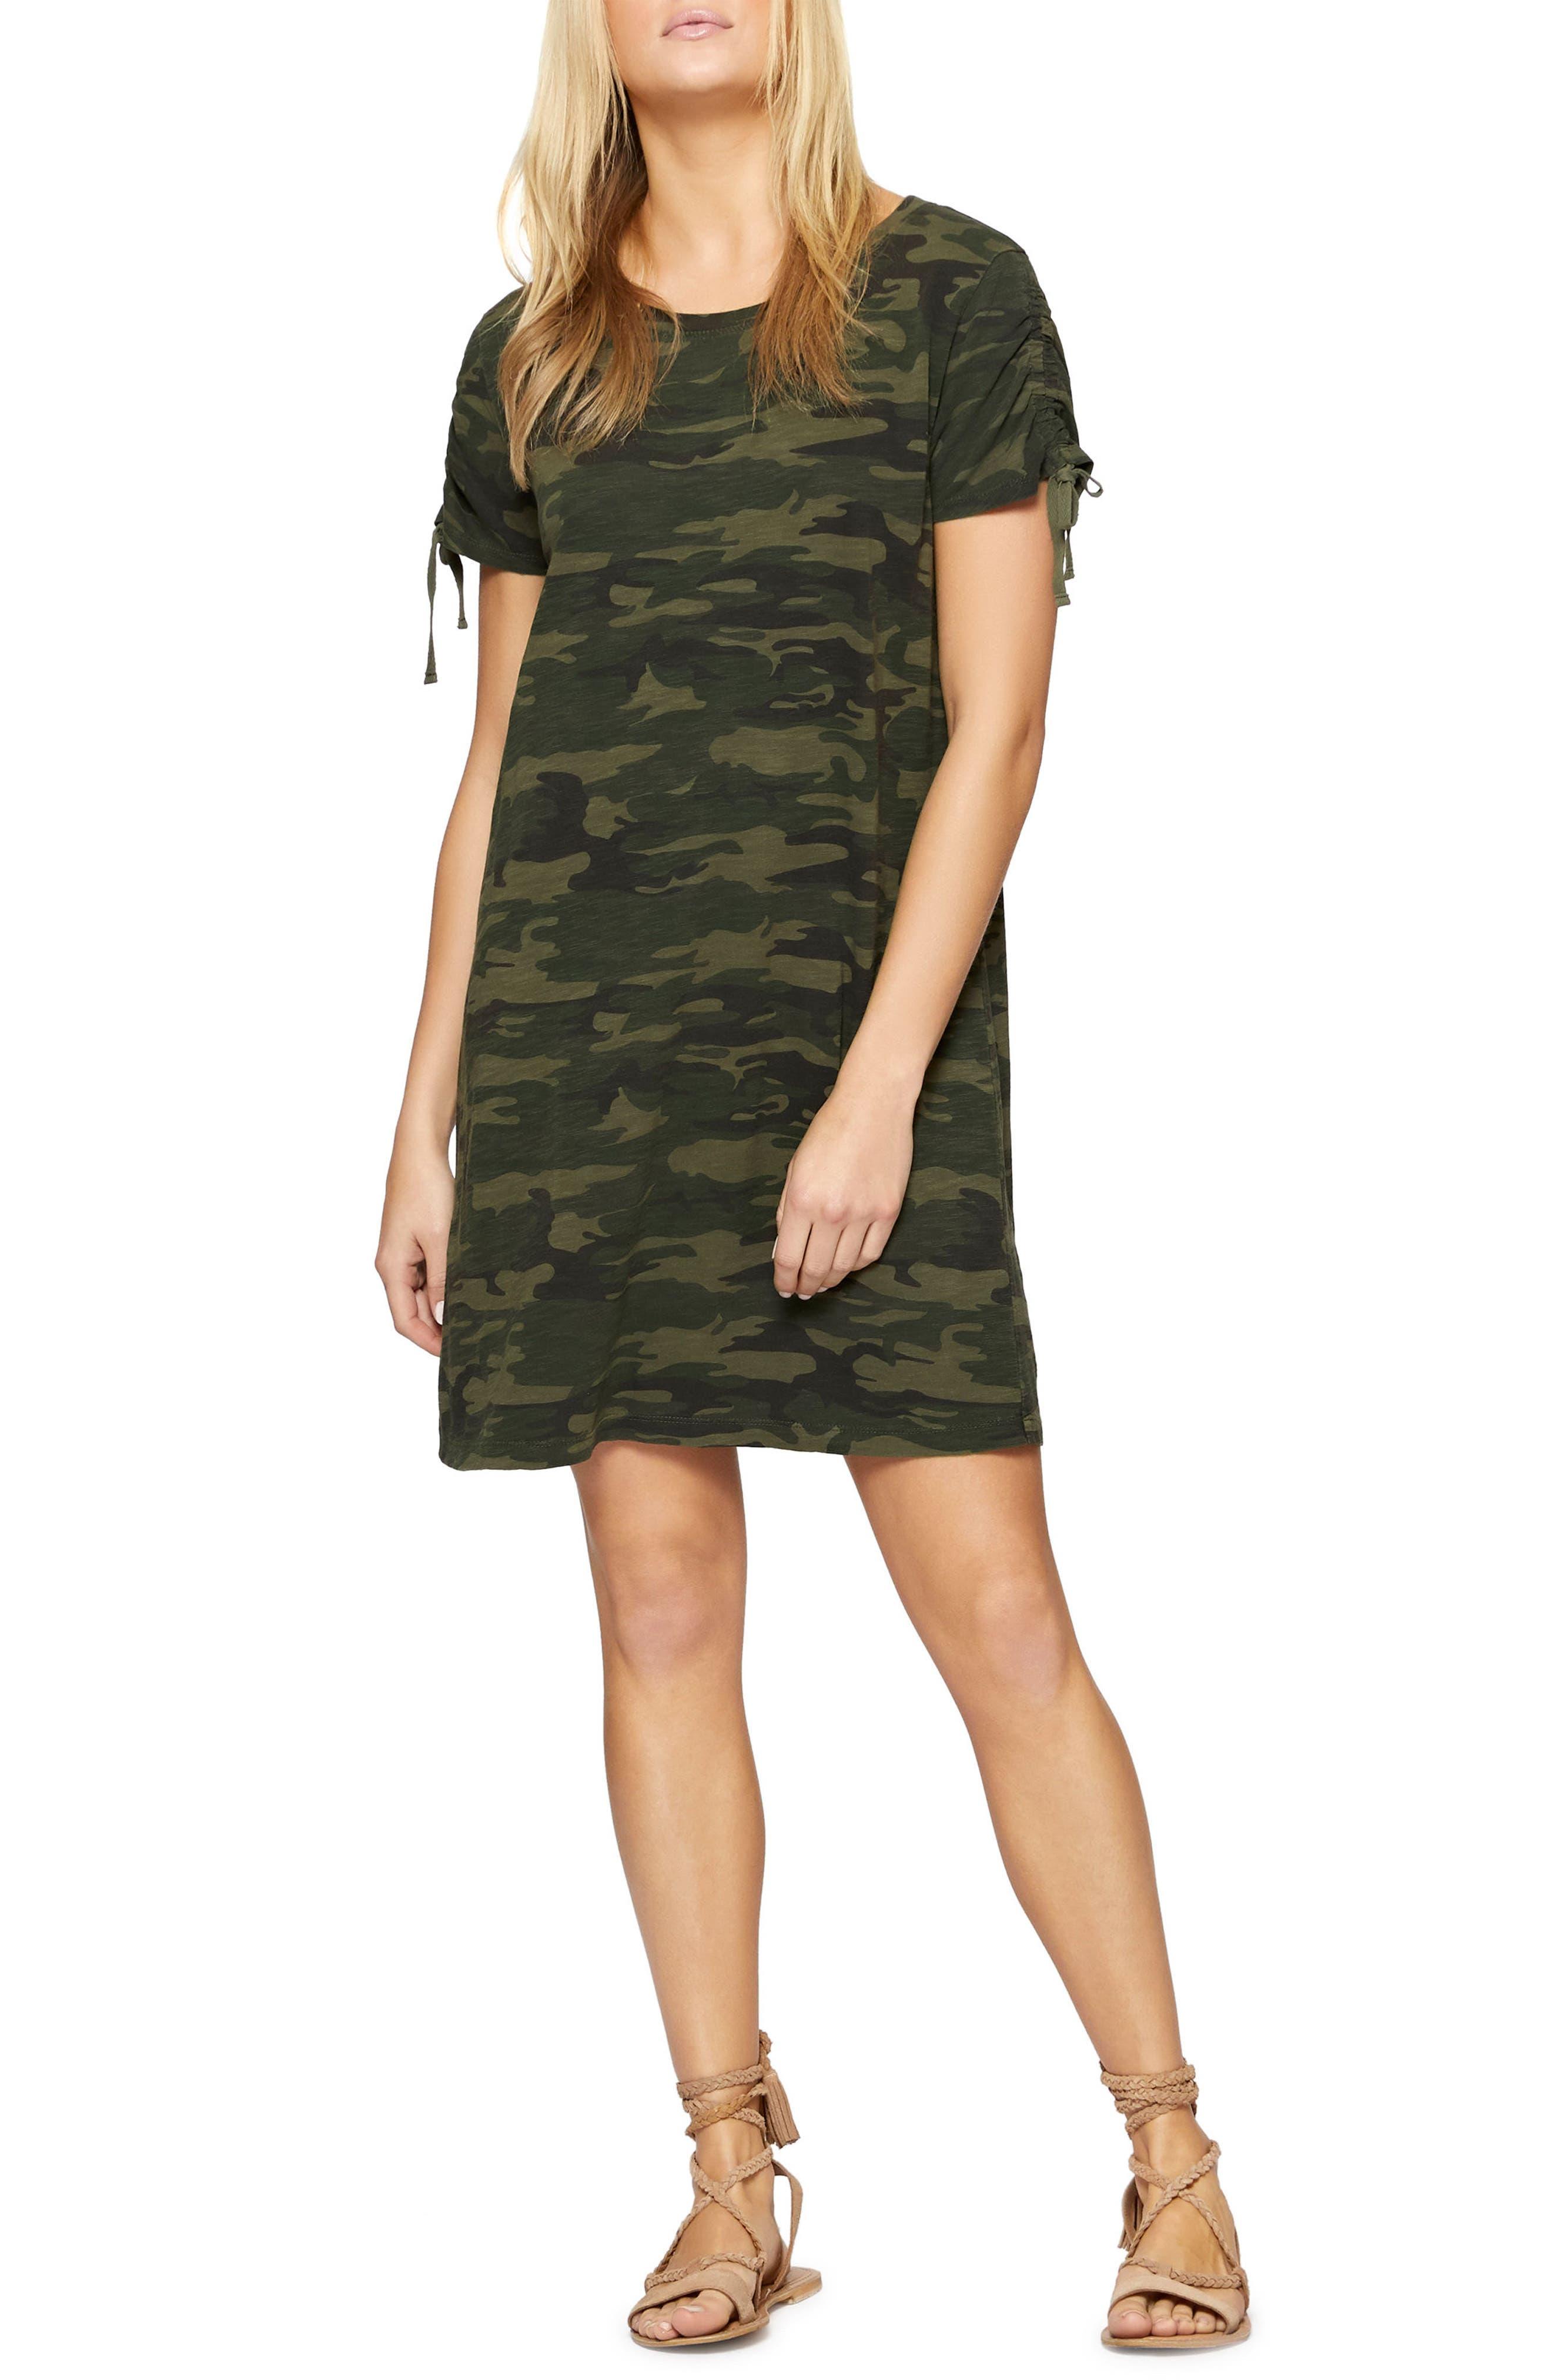 Ojai T-Shirt Dress,                         Main,                         color, Mother Nature Camo